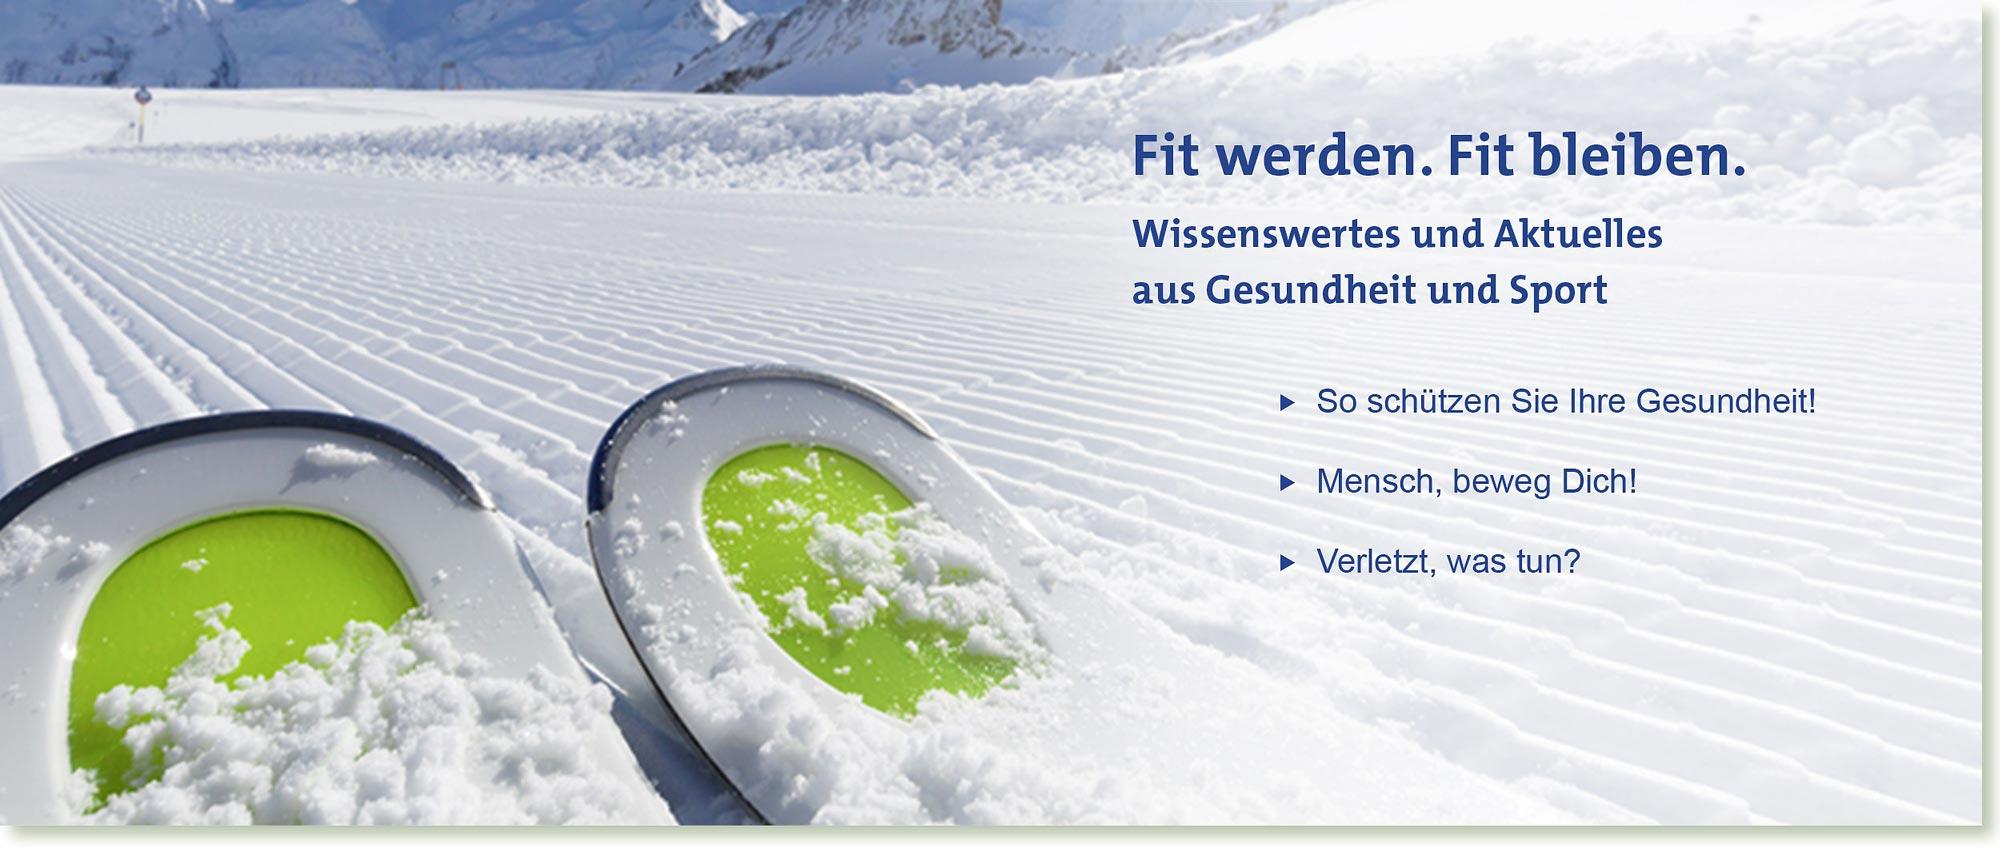 Slider | [formula] Müller-Wohlfahrt Gesundheit und Sport im Winter